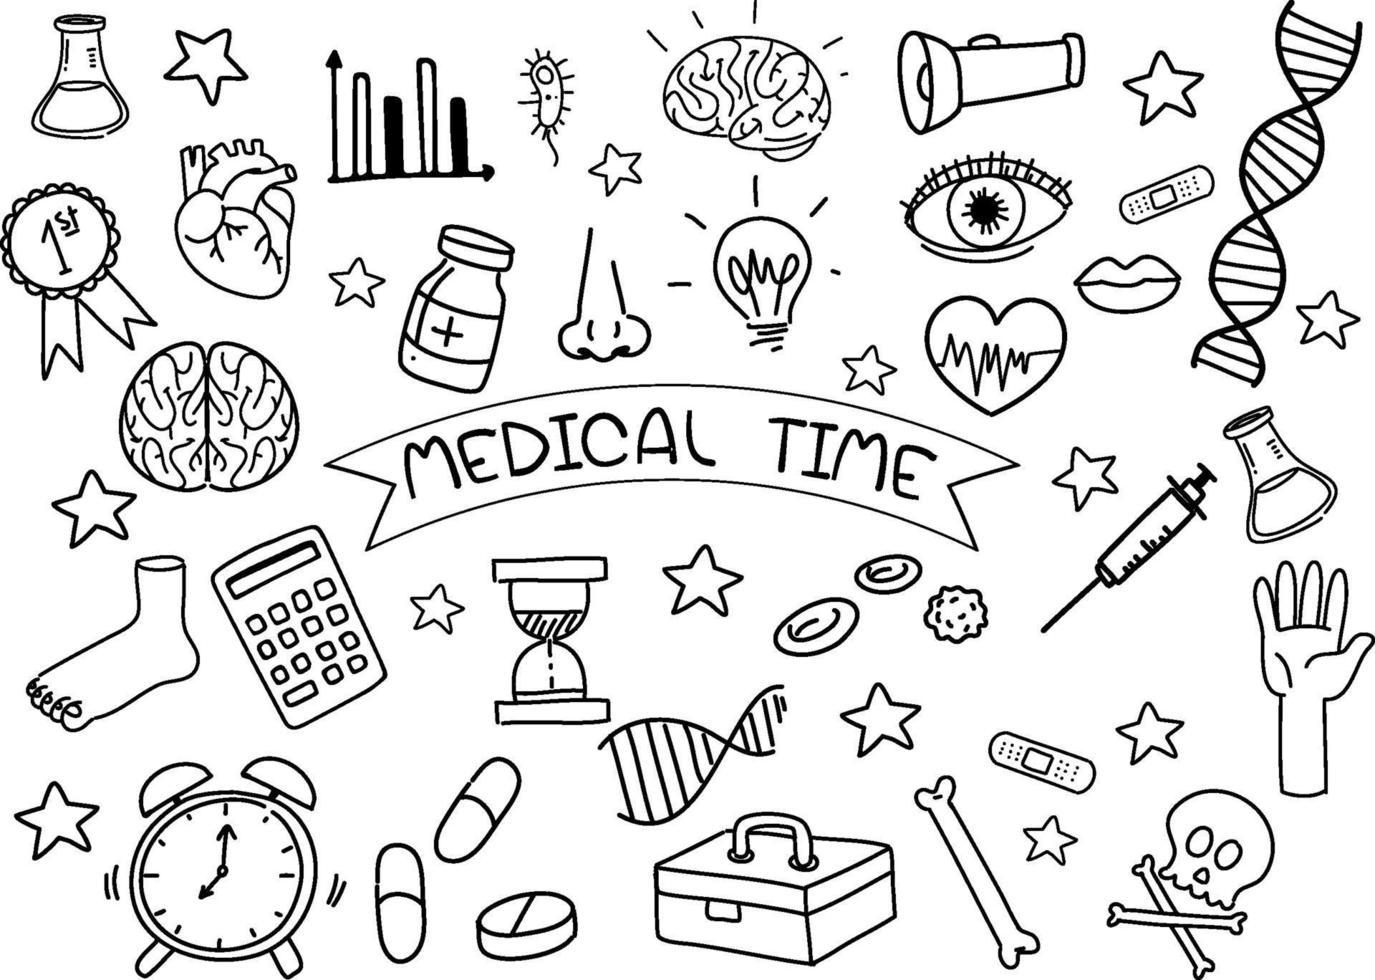 medicinsk element i doodle eller skiss stil isolerad på vit bakgrund vektor